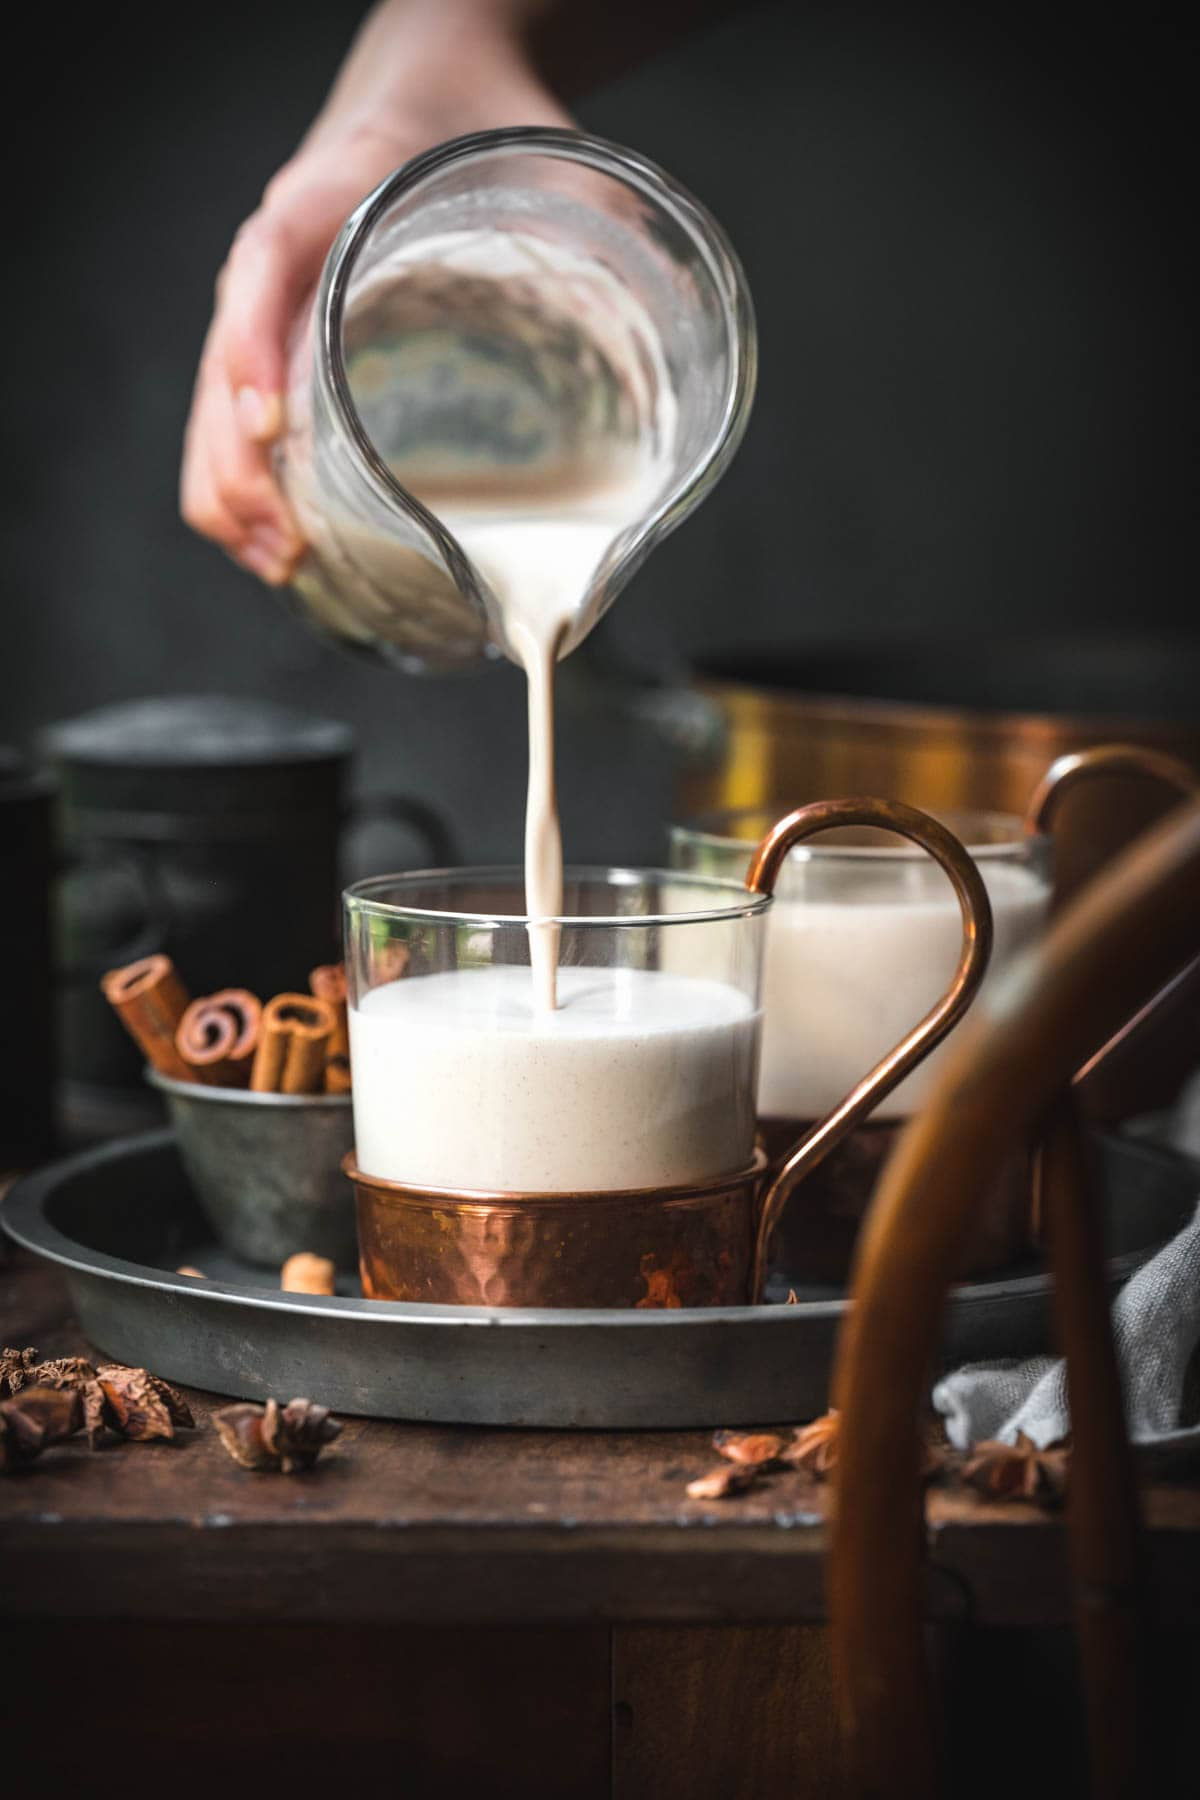 Vegan eggnog being poured into a glass.